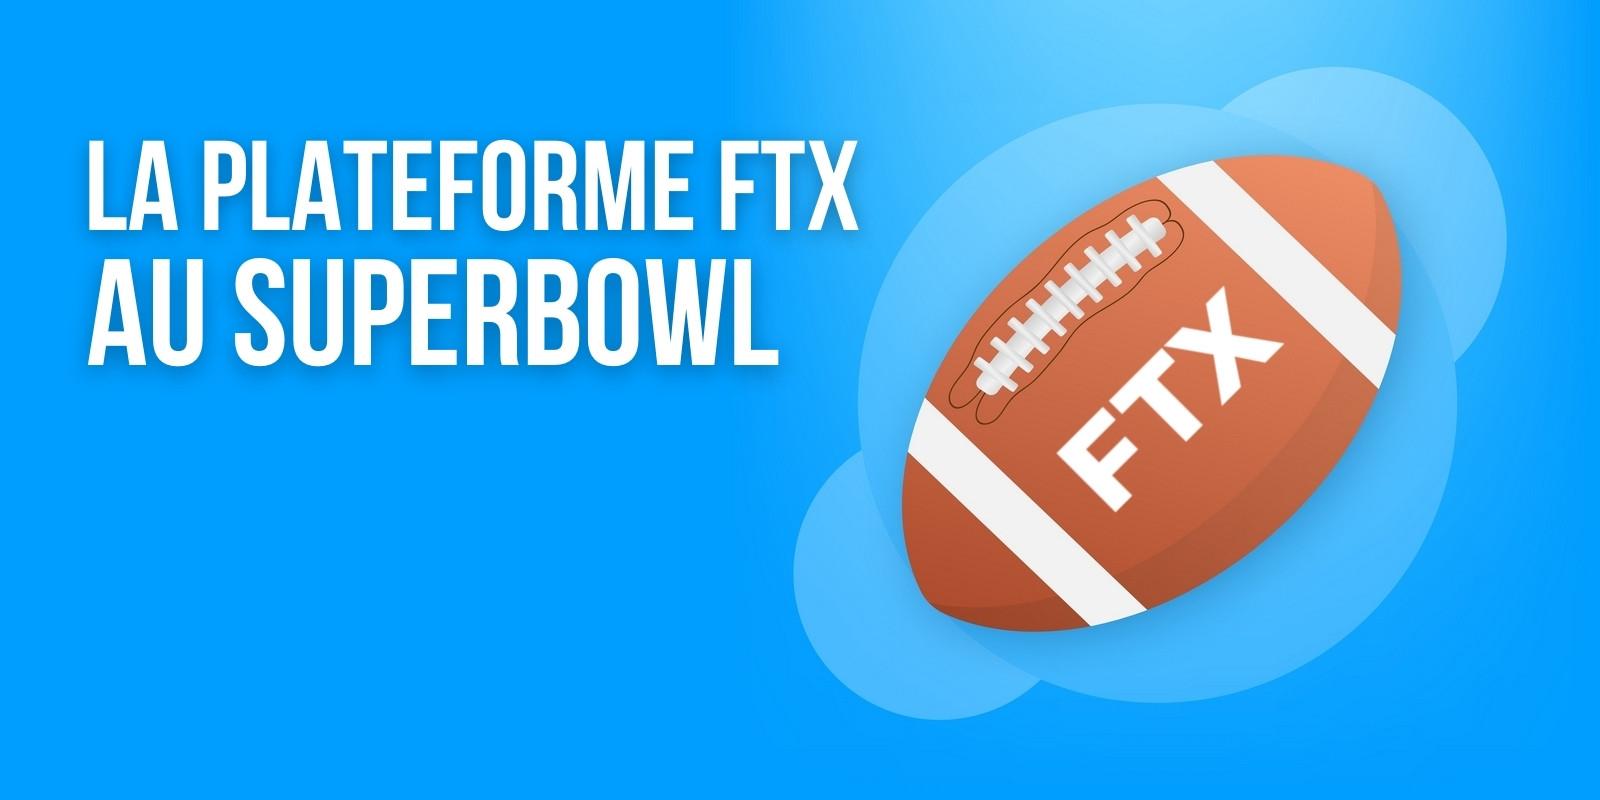 FTX dépensera plusieurs millions de dollars pour s'offrir une publicité pendant le Super Bowl